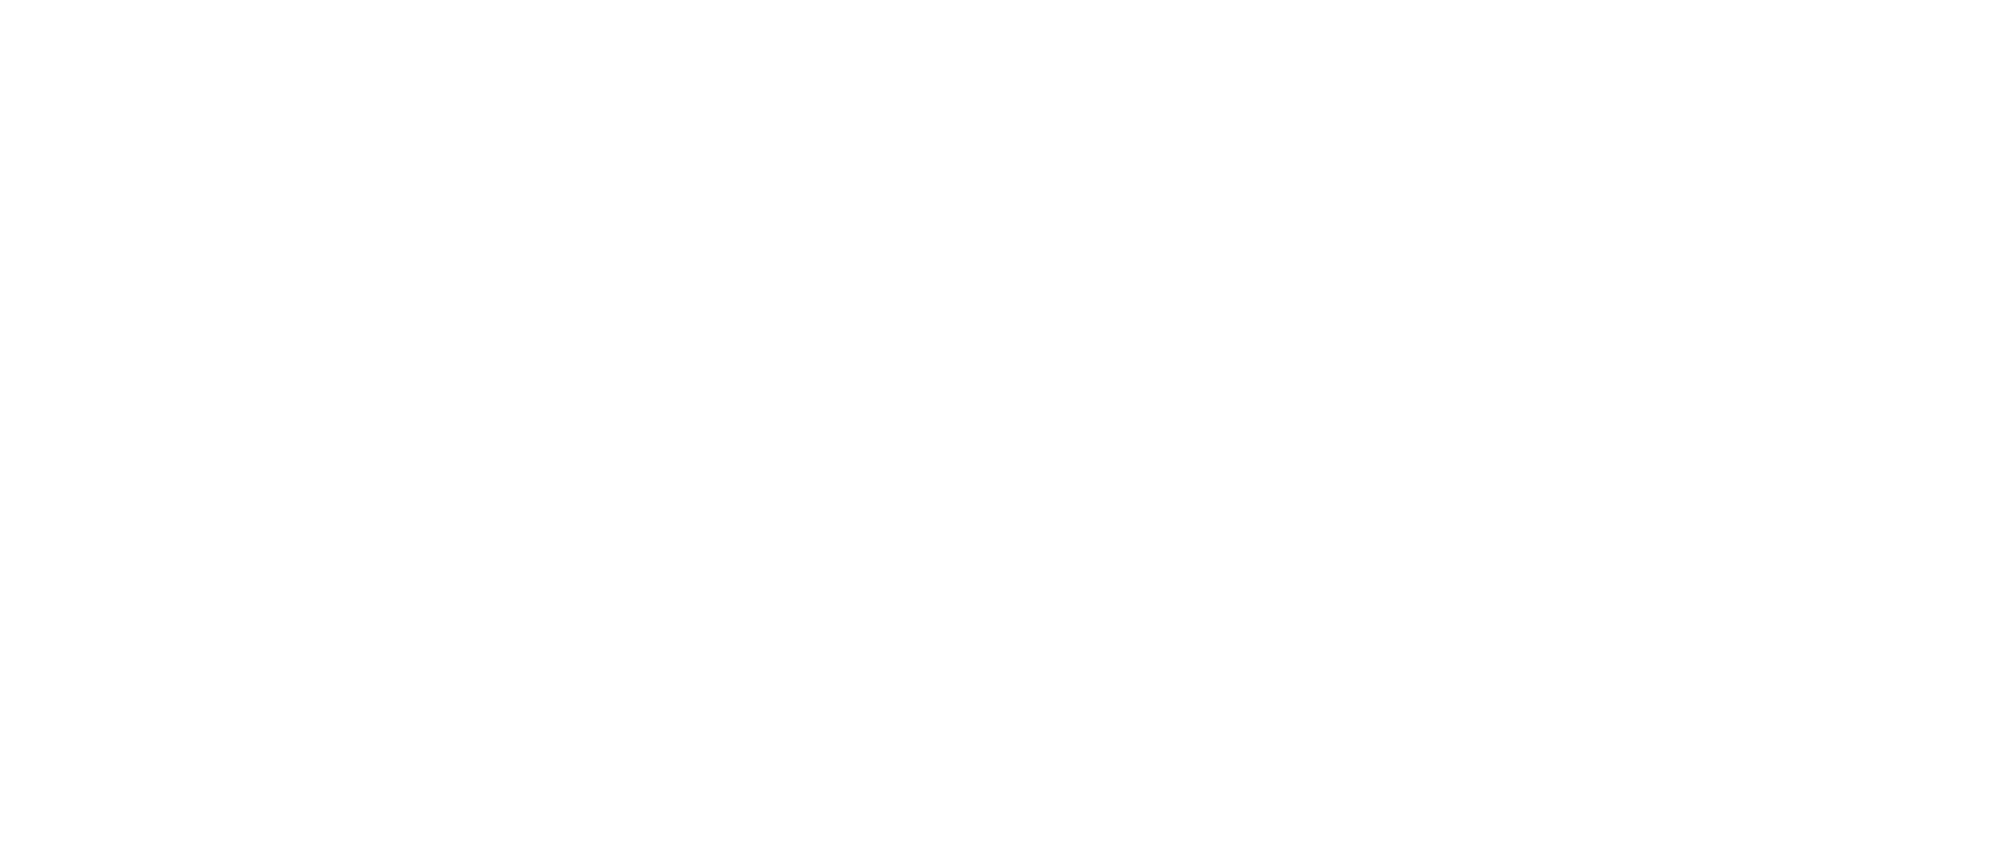 HH_LOGOS_2016 White.png